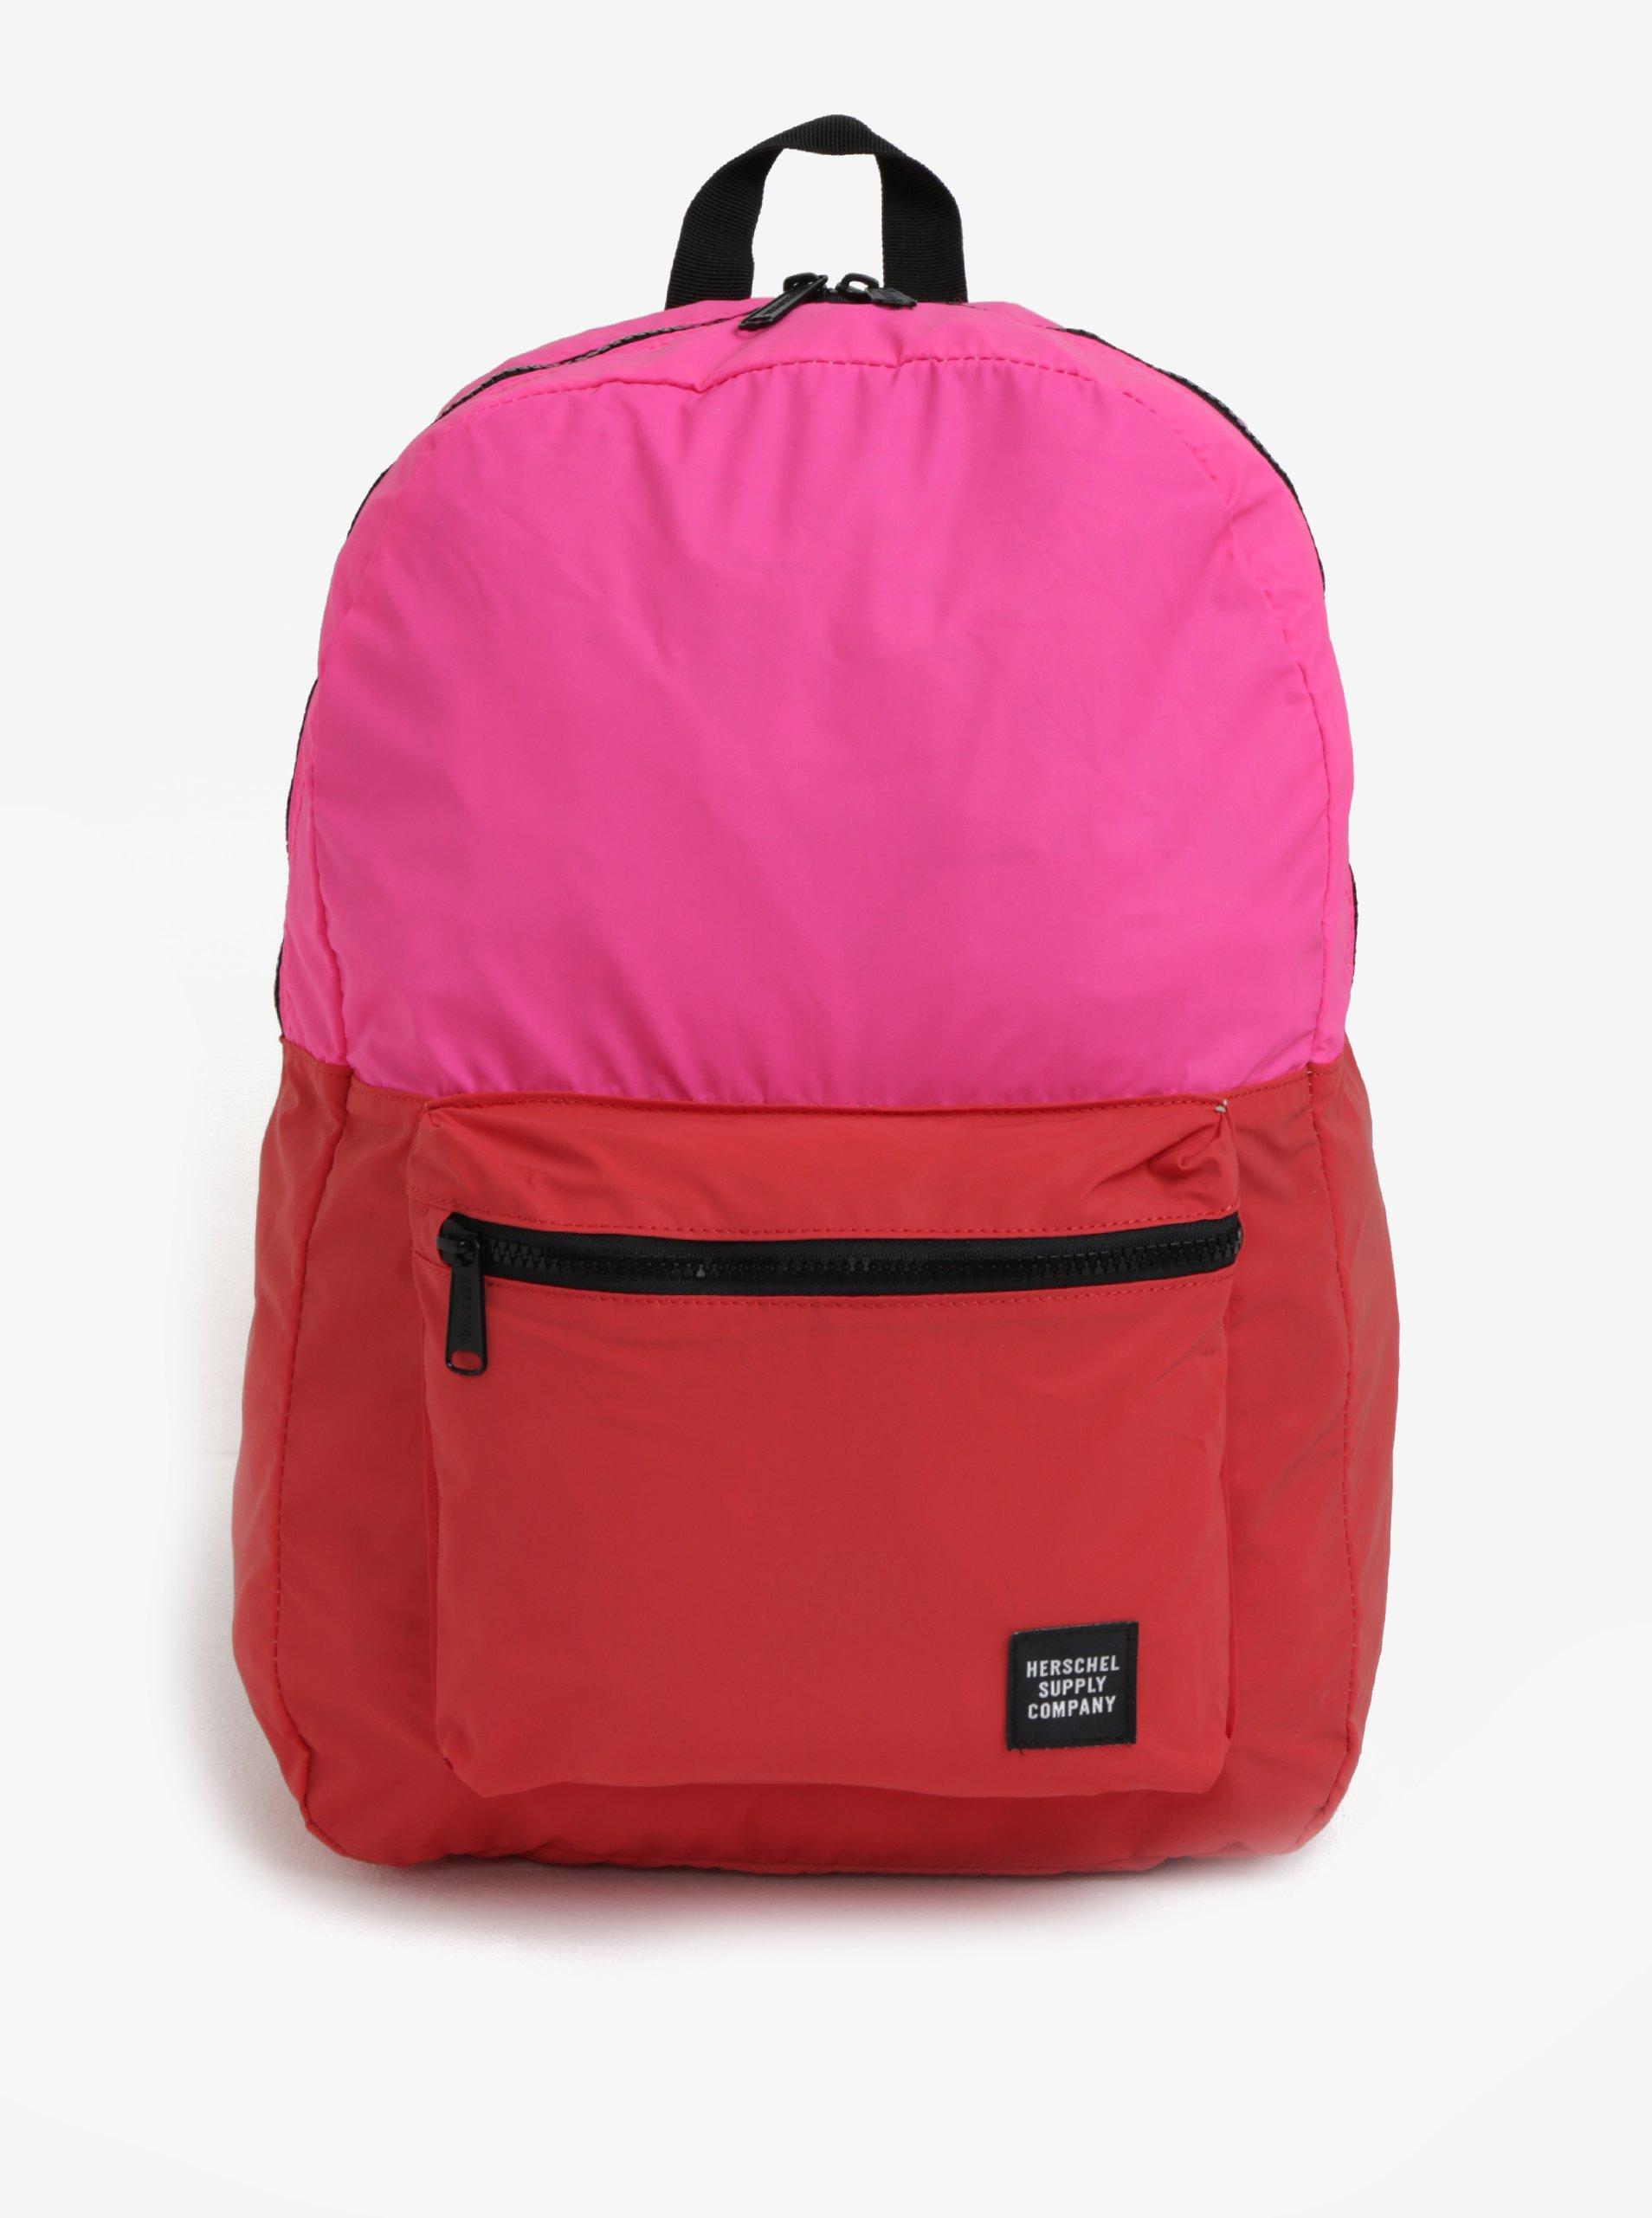 Fotografie Růžovo-červený reflexní batoh Herschel Packable Daypack 24,5 l